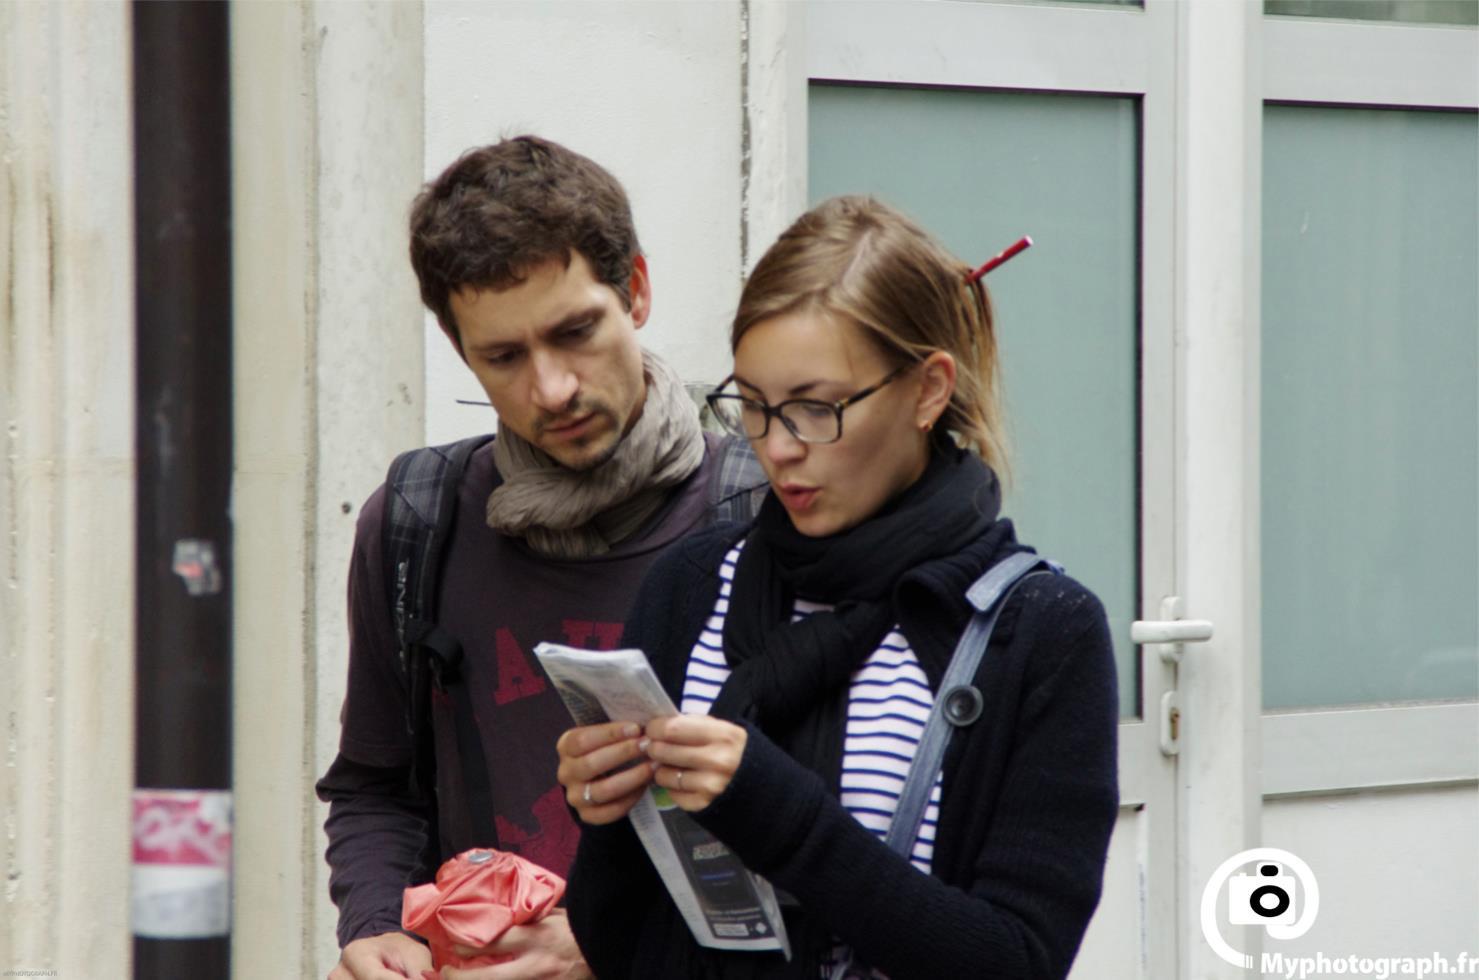 Caca ao Tesouro em Paris - Gincana pela cidade